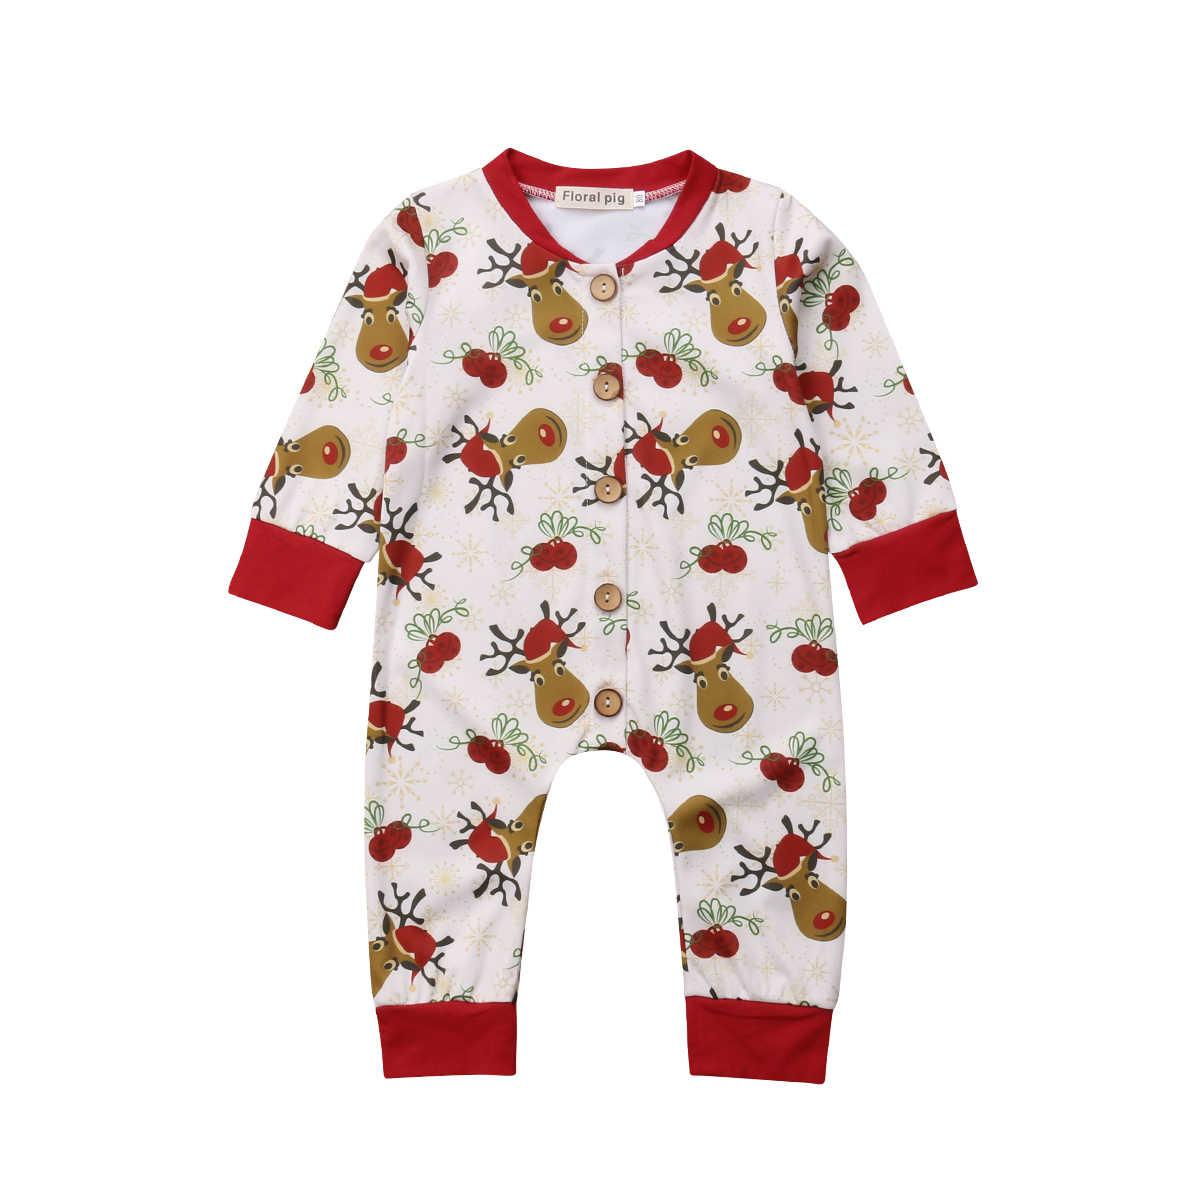 Детская одежда для девочек и мальчиков хлопок комбинезон с оленем  Рождественская Пижама Длинные рукава Одежда для 9599214f2aecd